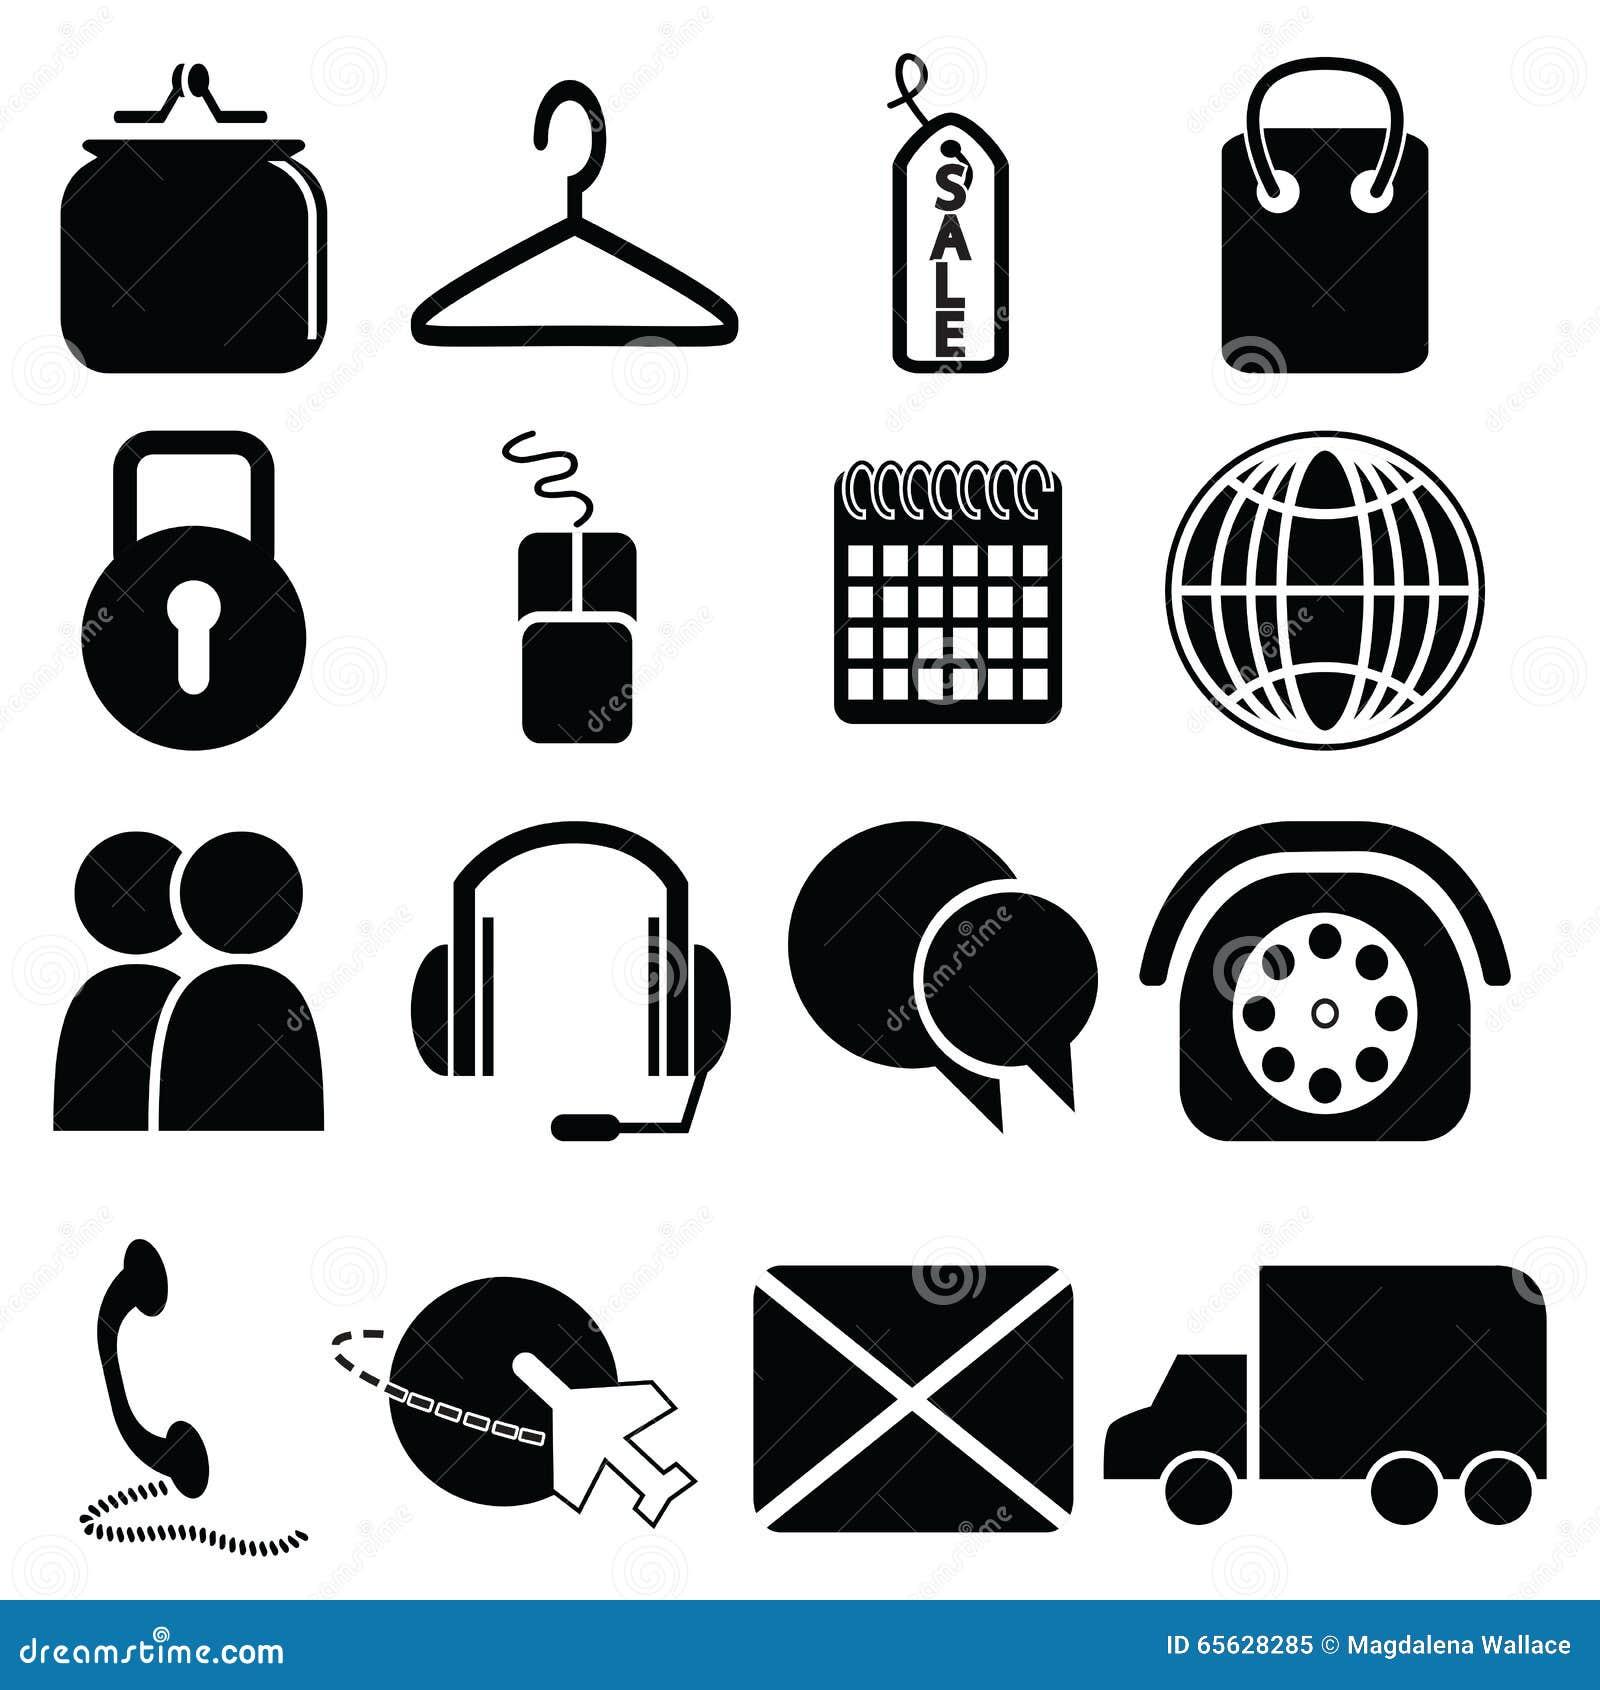 Sur la ligne icônes d achats : la bourse, sac, label de vente, cadenas de sécurité, souris, clic et se rassemblent, la livraison